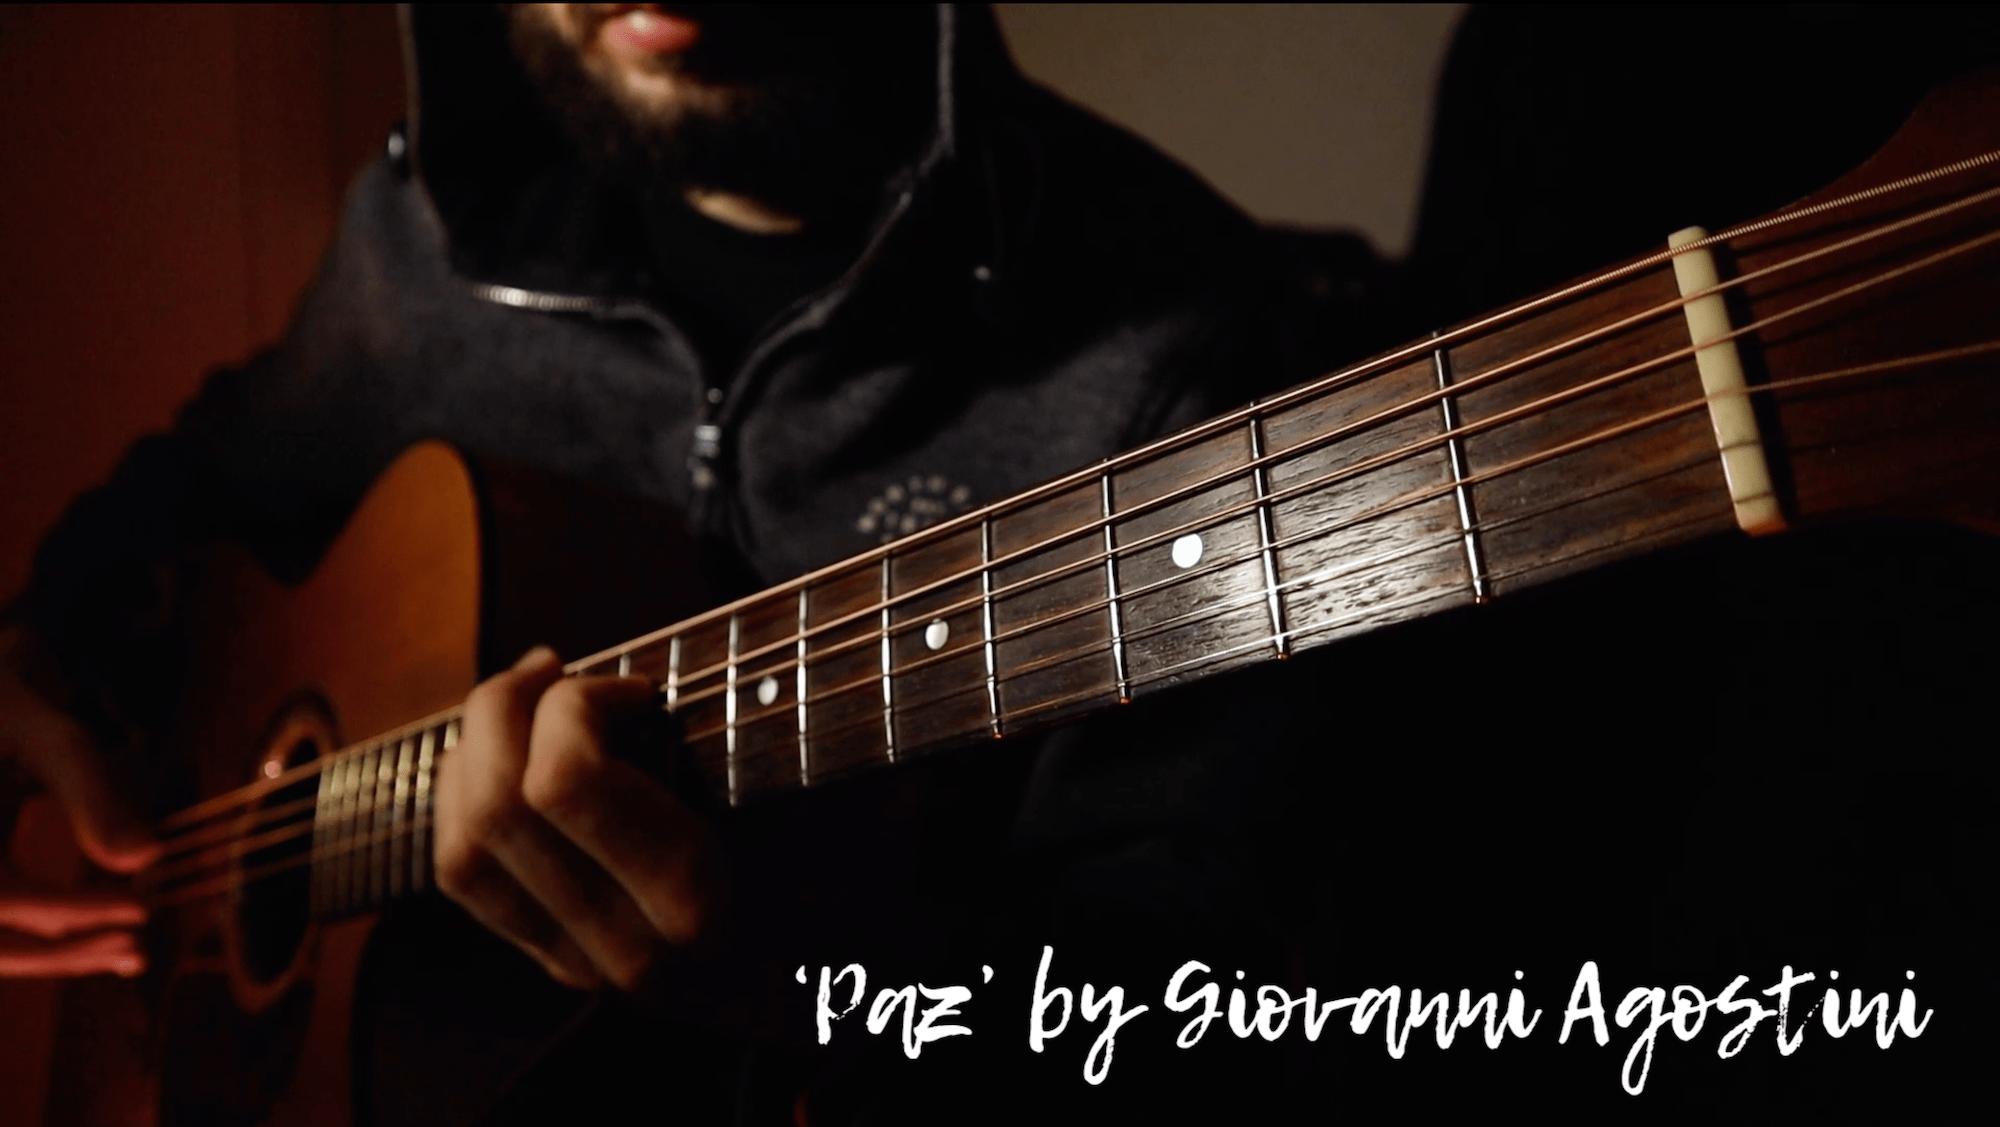 Paz | 432hz | Original Composition